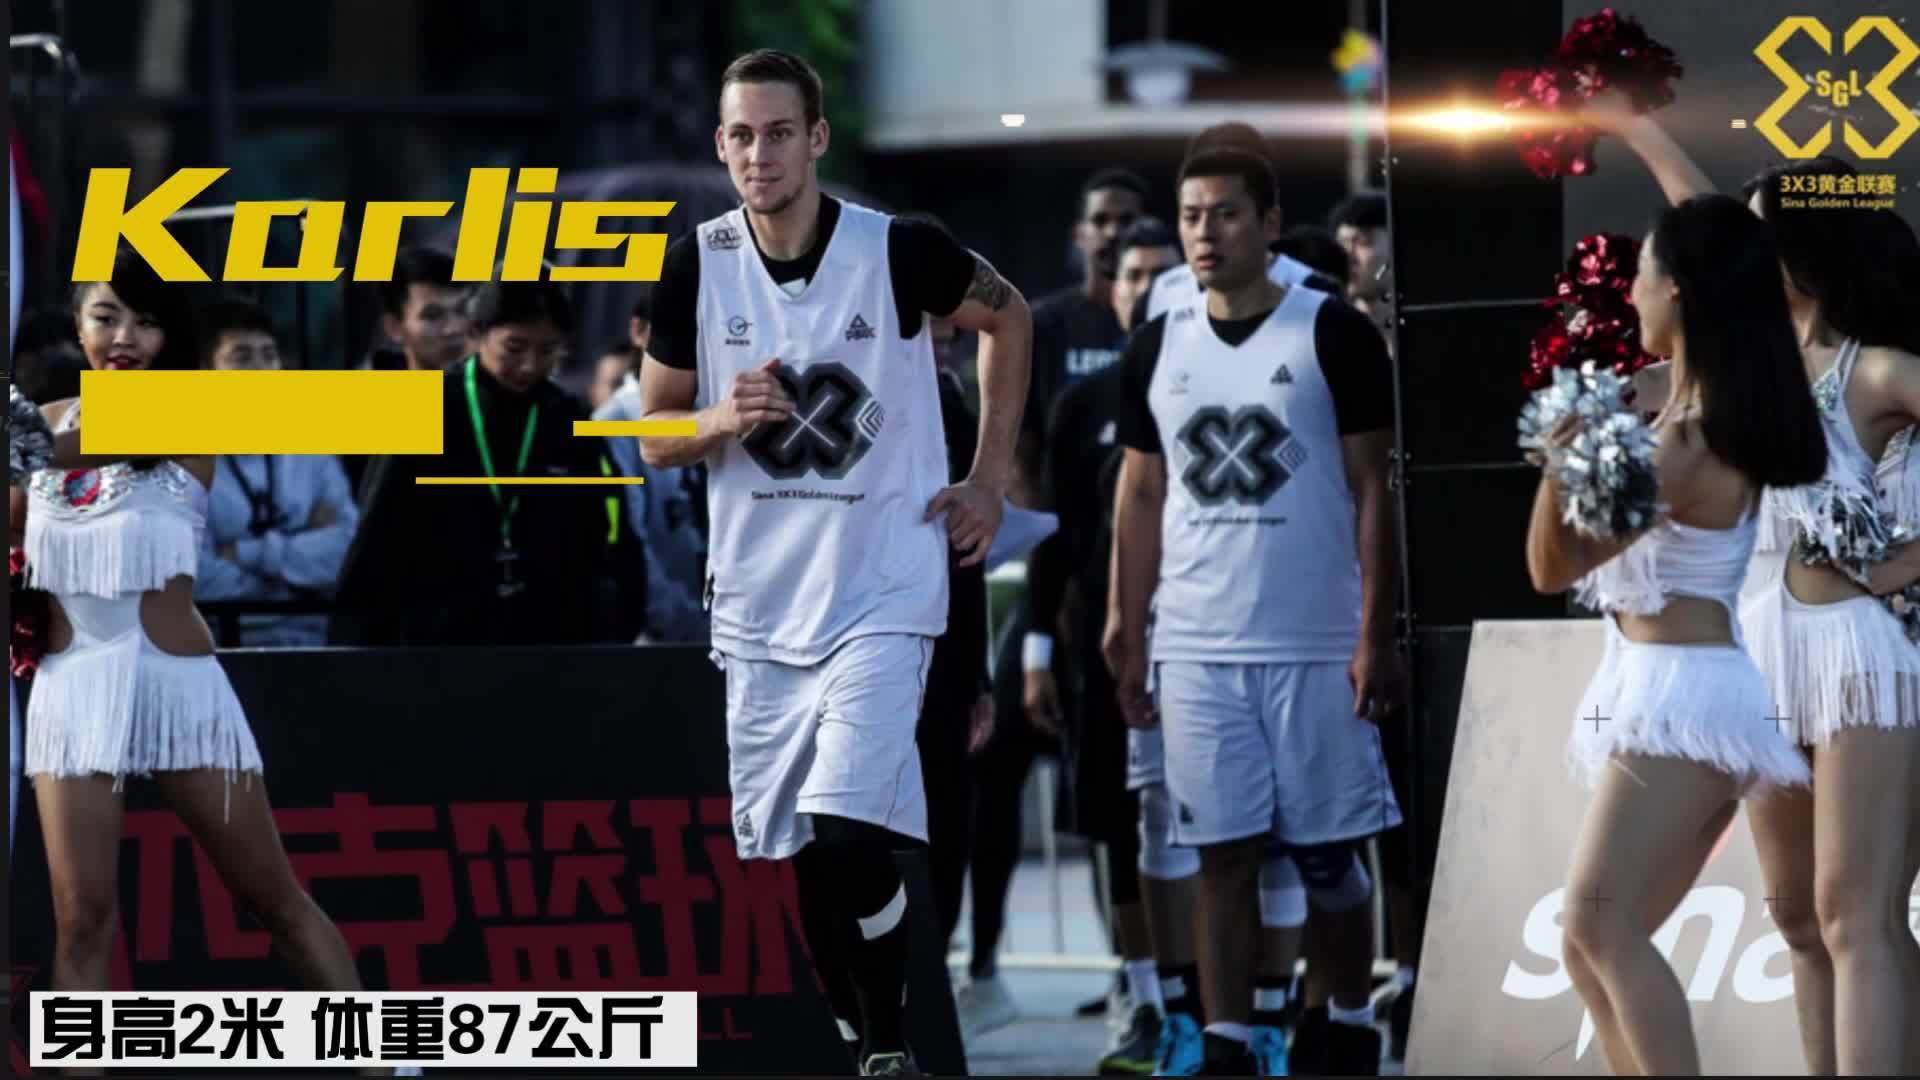 在FIBA3X3多哈站完成惊天绝杀的里加队卡尔利斯……